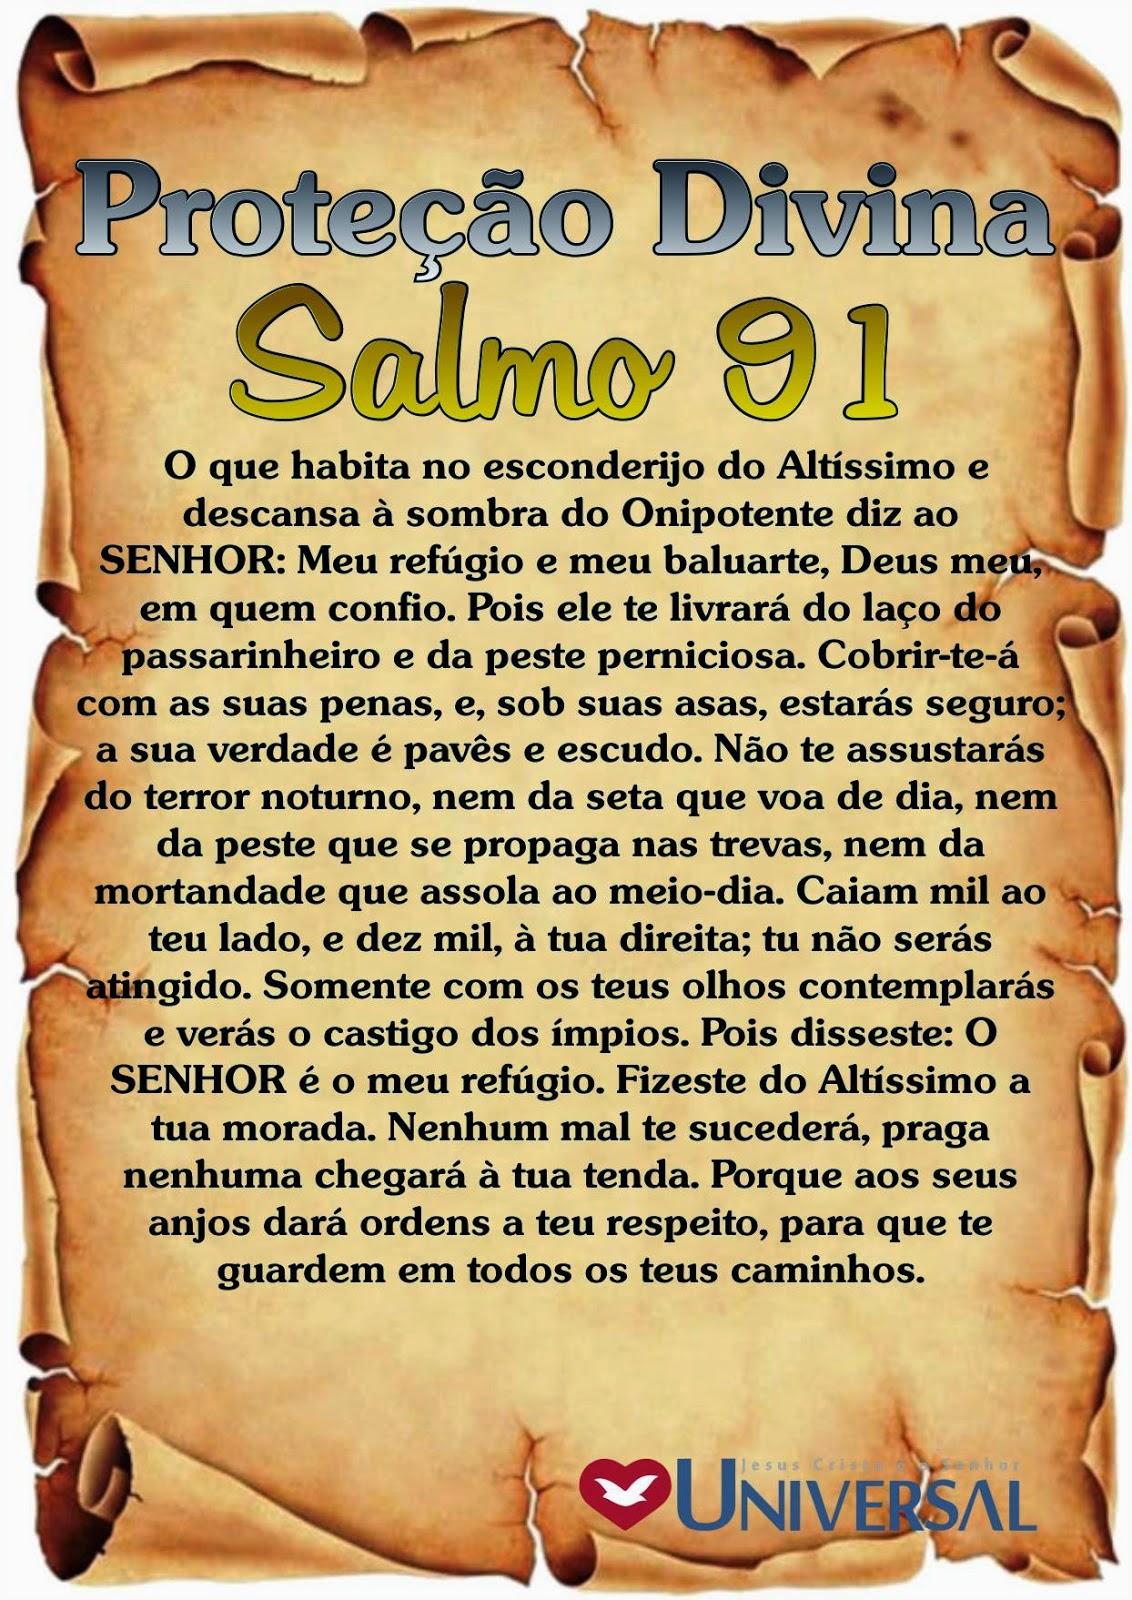 Conhecido PROTEÇÃO DIVINA SALMO 91   IMPACTO DA FÉ UL03